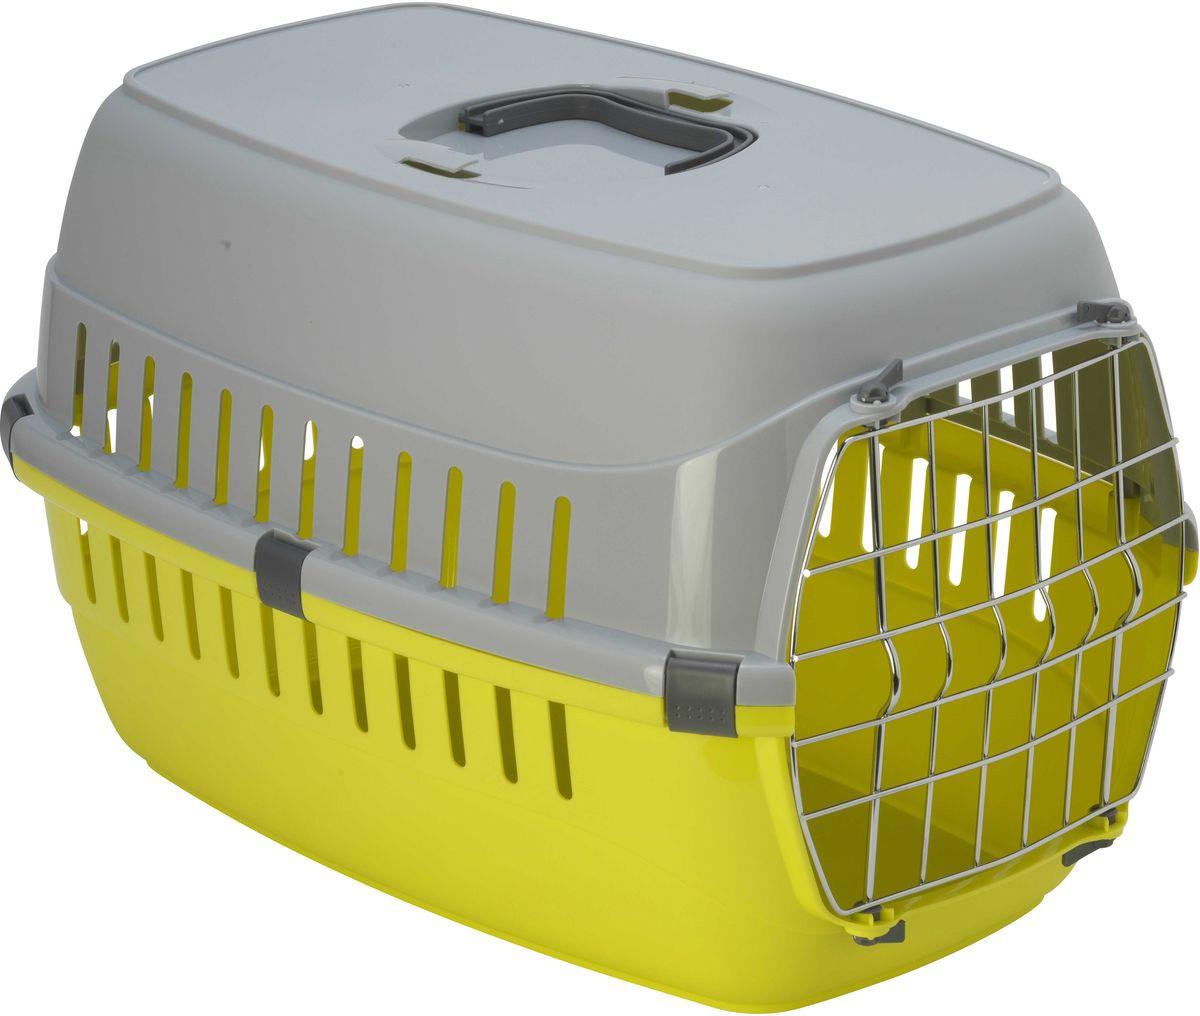 Переноска для животных Moderna  Roadrunner 2 , с металлической дверью, цвет: лимон, 35 х 58 х 37 см - Переноски, товары для транспортировки